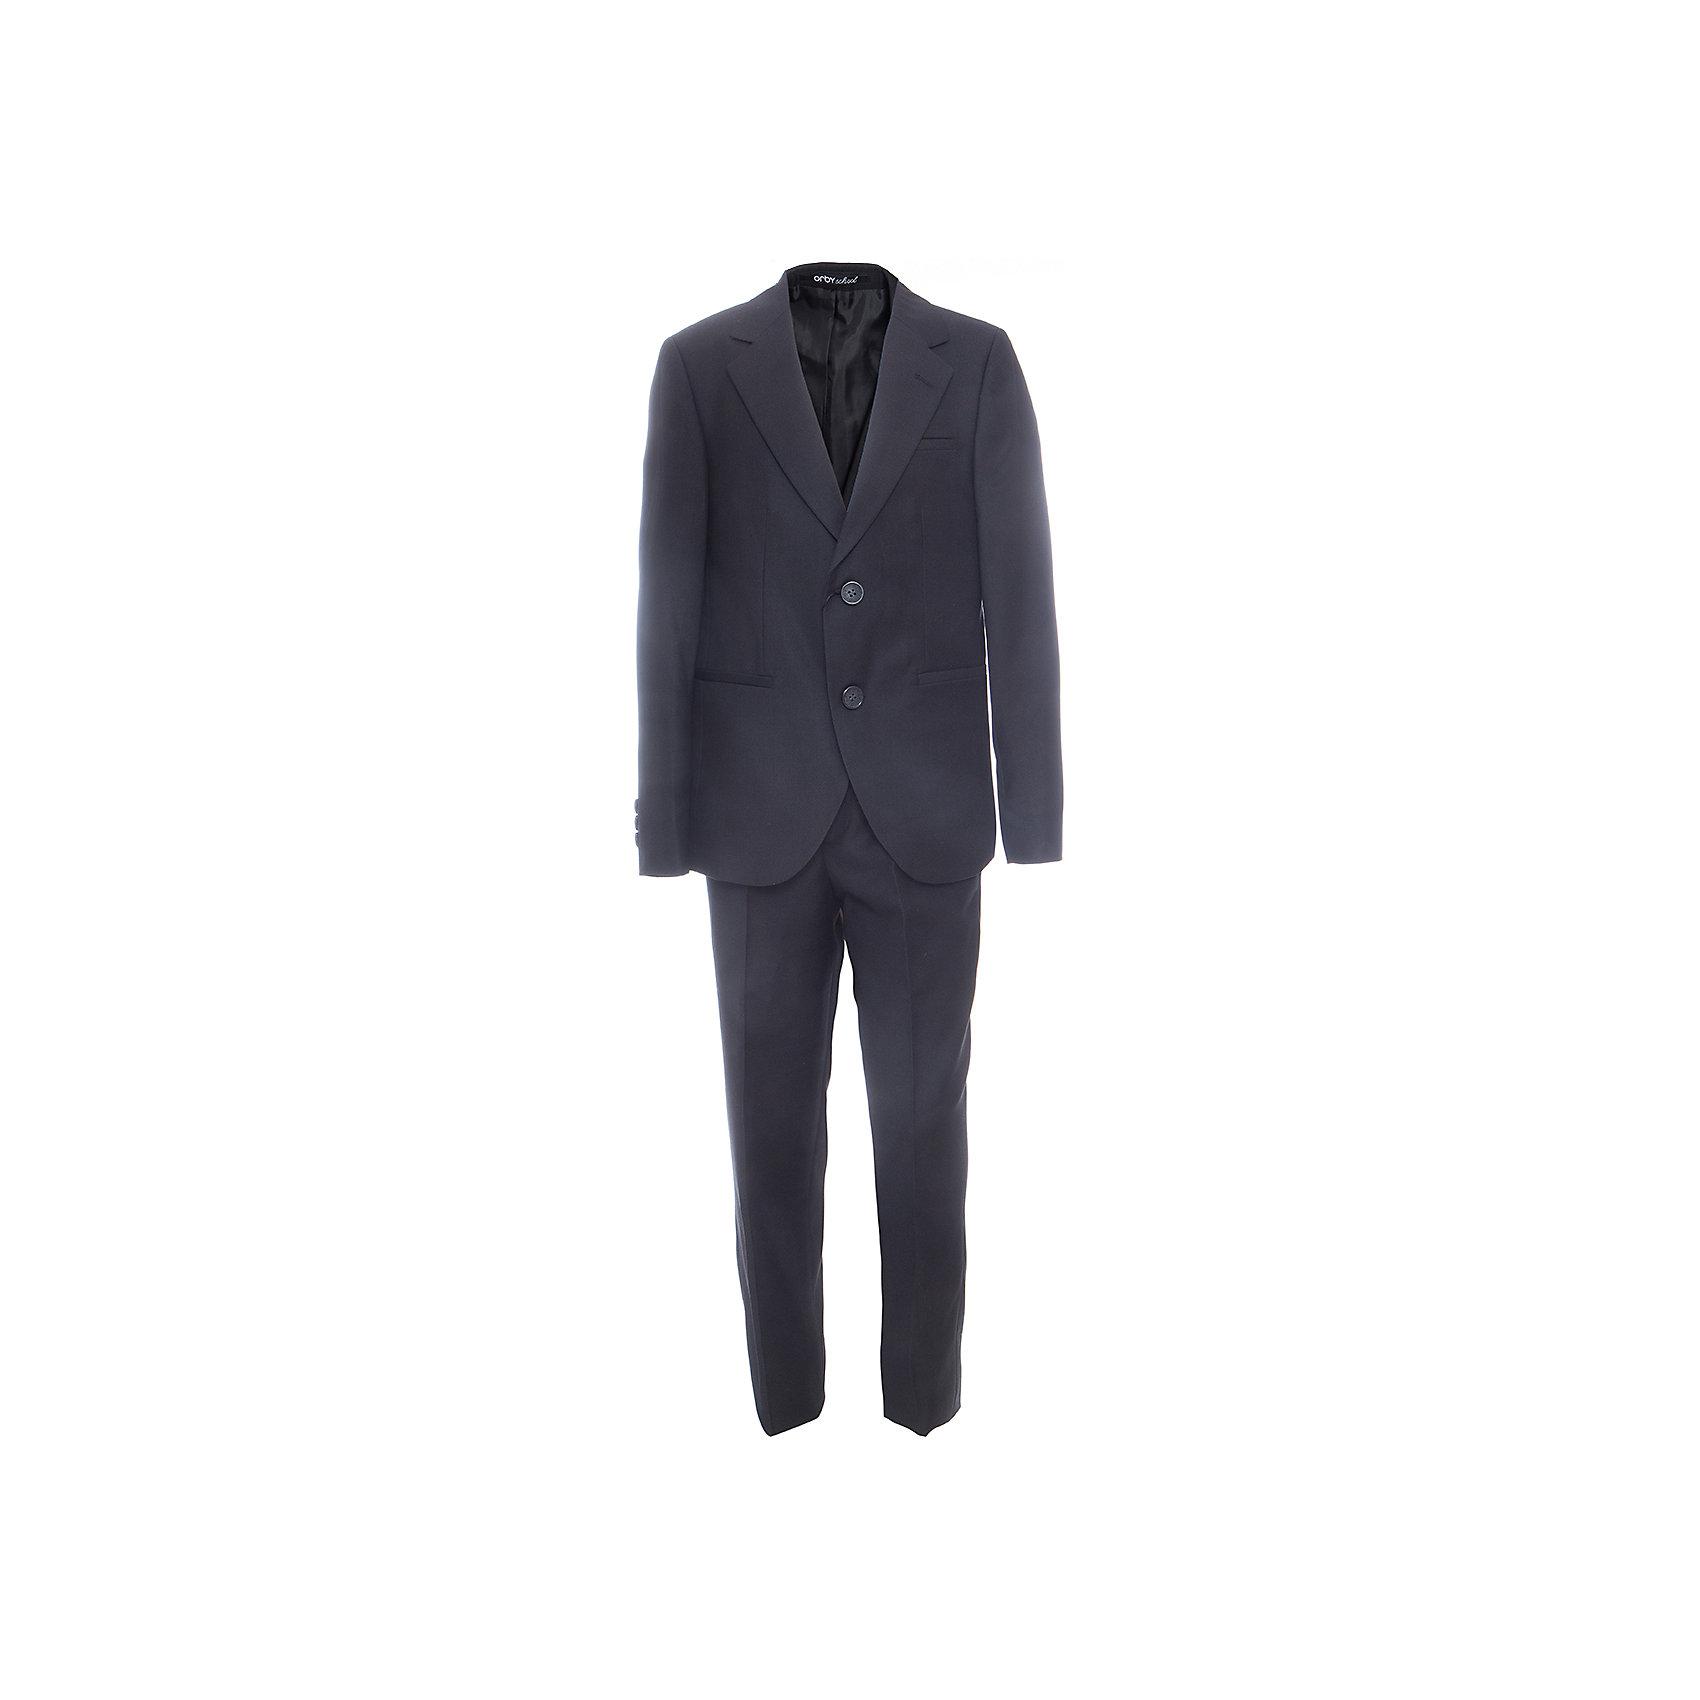 Комплект: пиджак и брюки для мальчика OrbyПиджаки и костюмы<br>Характеристики товара:<br><br>• цвет: черный<br>• состав ткани: 70 % ПЭ, 30% вискоза<br>• комплектация: пиджак, брюки<br>• особенности: школьная, праздничная<br>• застежка пиджака: пуговицы<br>• застежка брюк: молния<br>• регулируемая талия брюк<br>• шлевки для ремня<br>• сезон: круглый год<br>• страна бренда: Россия<br>• страна изготовитель: Россия<br><br>Черный костюм Orby классического кроя для мальчика - отличный вариант практичной и стильной школьной одежды. <br><br>Такой детский костюм-двойка обеспечивает красивый внешний вид и комфорт одновременно.<br><br>Комплект: пиджак и брюки для мальчика Orby (Орби) можно купить в нашем интернет-магазине.<br><br>Ширина мм: 215<br>Глубина мм: 88<br>Высота мм: 191<br>Вес г: 336<br>Цвет: черный<br>Возраст от месяцев: 156<br>Возраст до месяцев: 168<br>Пол: Мужской<br>Возраст: Детский<br>Размер: 164,122,128,134,140,146,152,158<br>SKU: 6960957